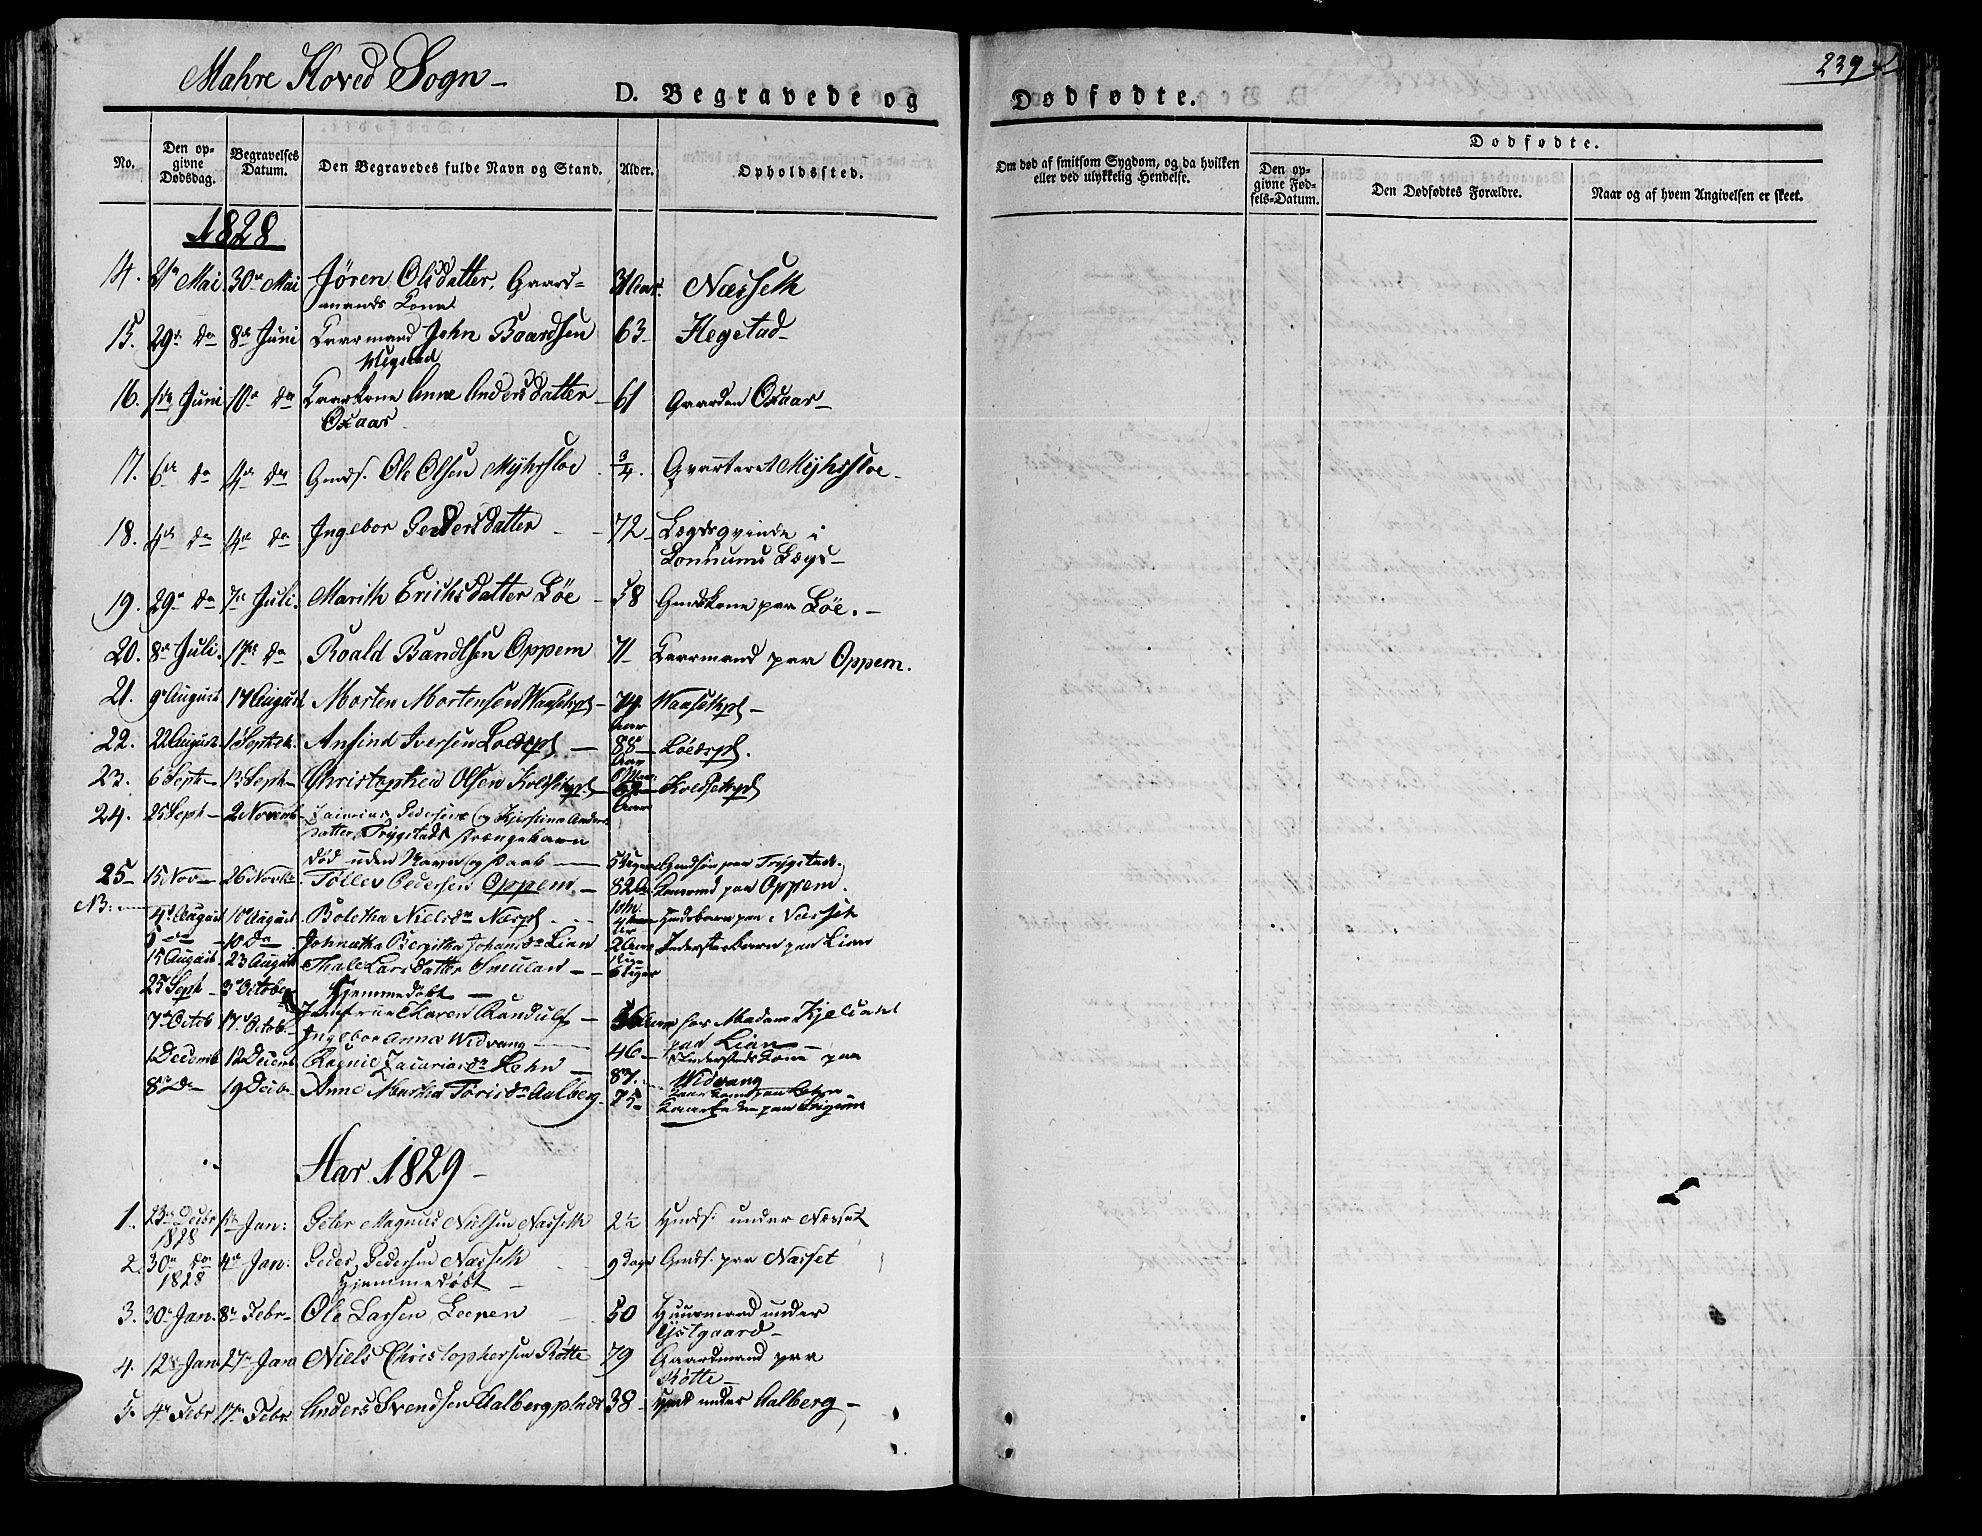 SAT, Ministerialprotokoller, klokkerbøker og fødselsregistre - Nord-Trøndelag, 735/L0336: Ministerialbok nr. 735A05 /1, 1825-1835, s. 239